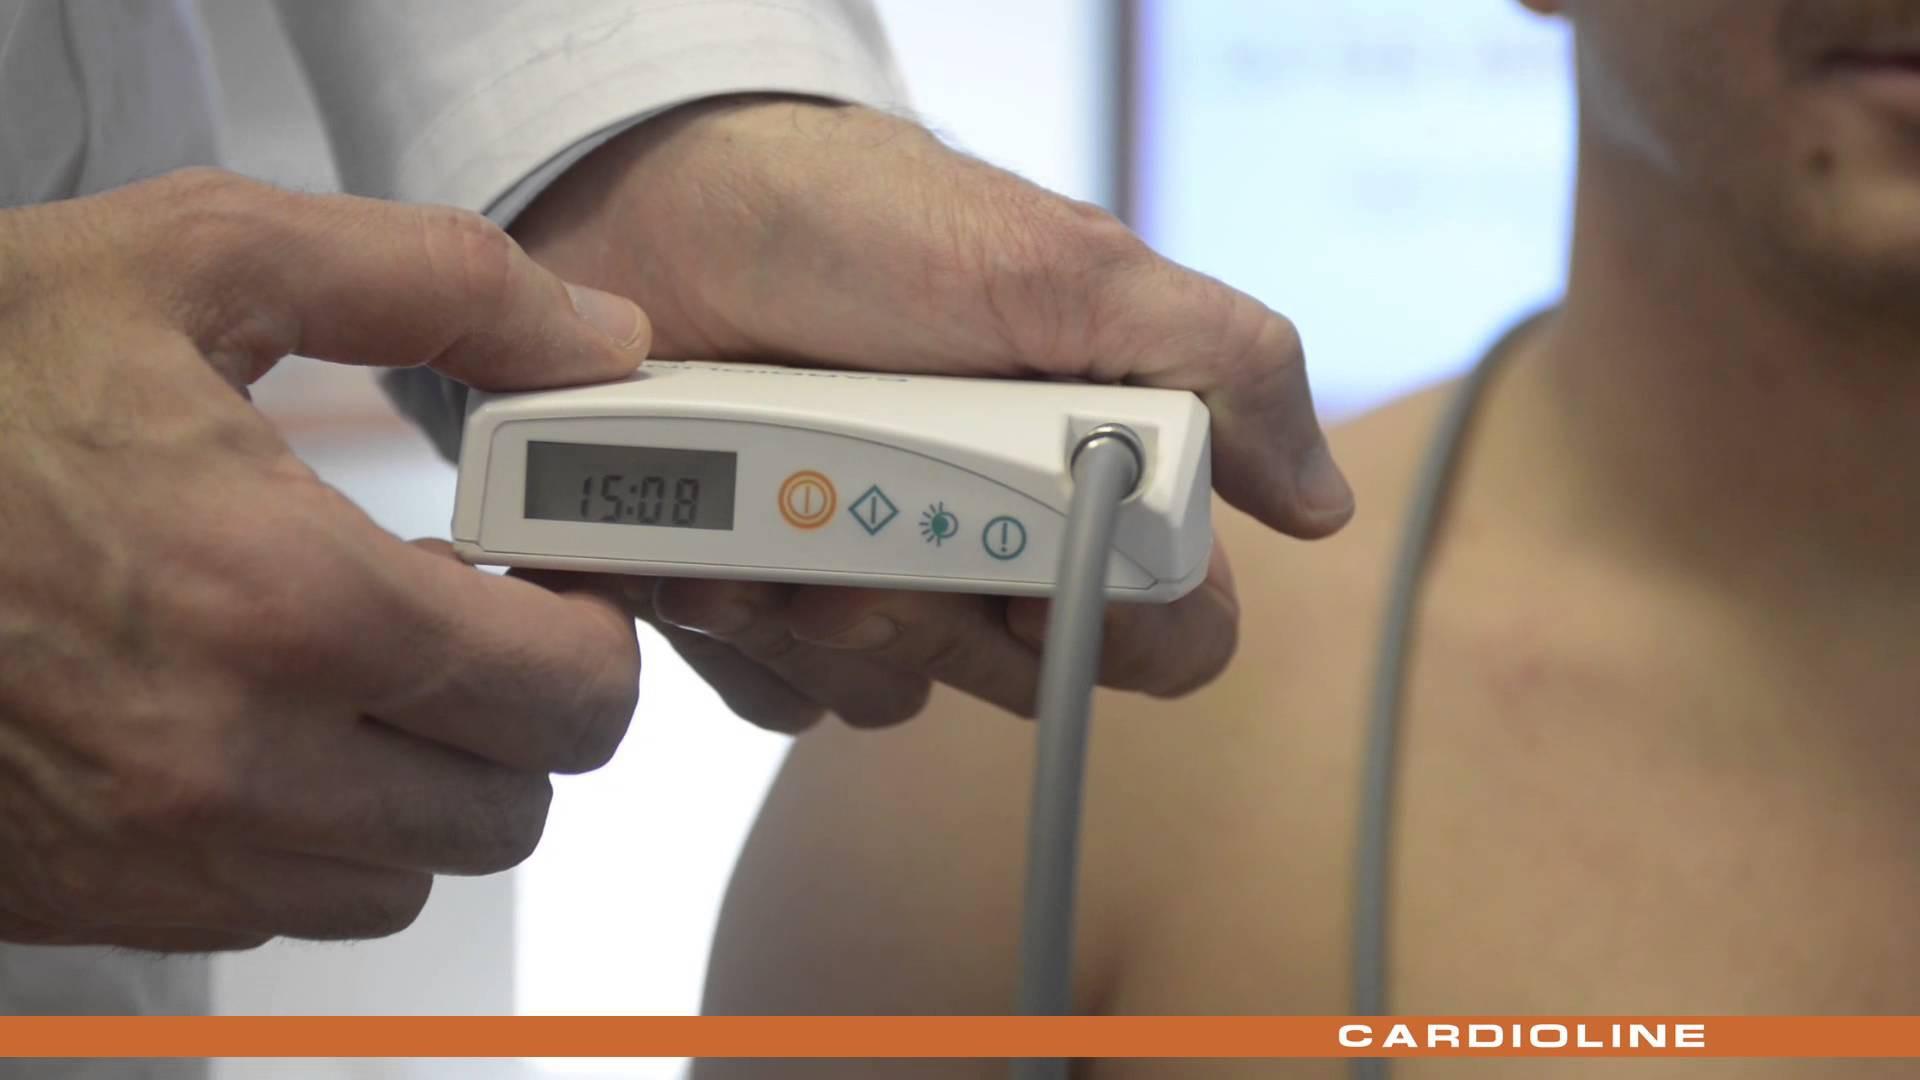 Accurate Wrist Sphygmomanometer Blood Pressure Monitor